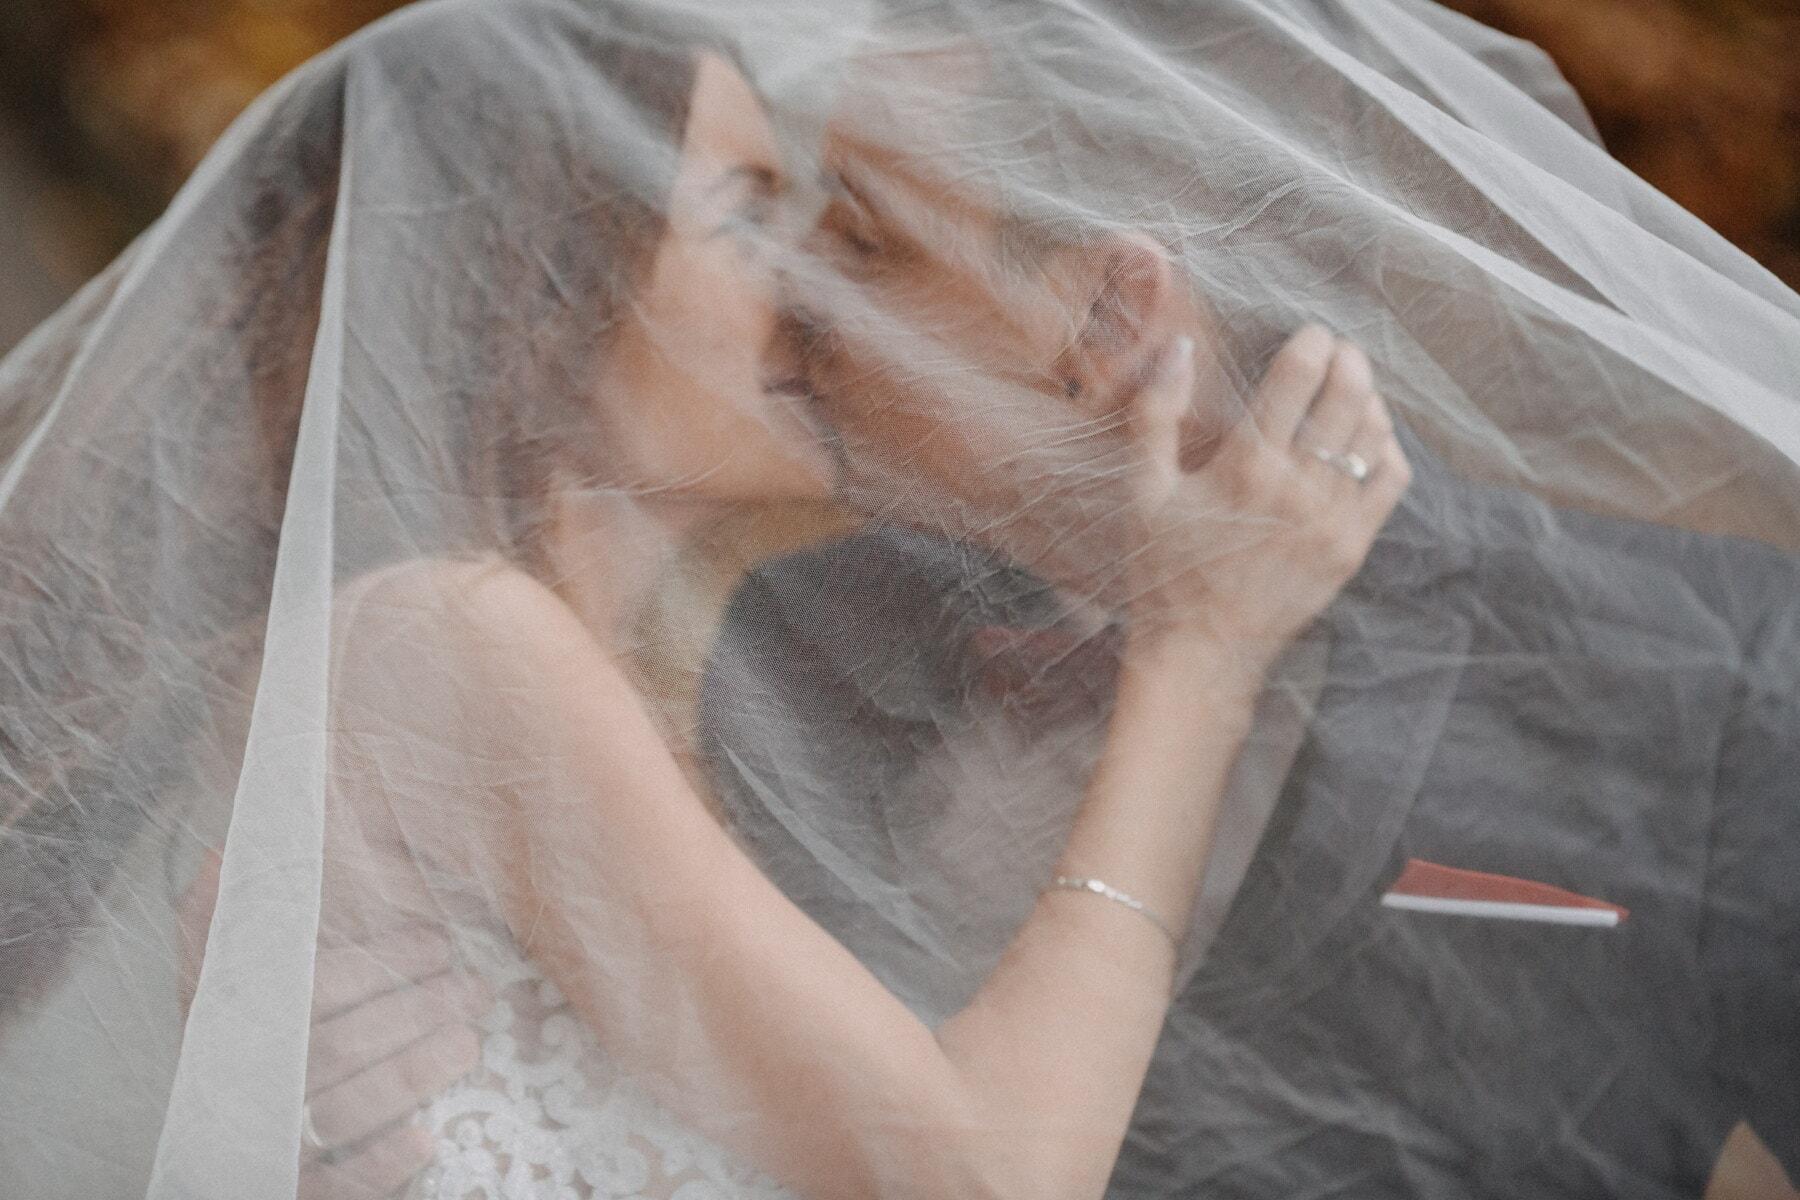 Liebe, Umarmung, Liebhaber, Liebesbeziehung, Zärtlichkeit, ausblenden, darunter, Schleier, Braut, Hochzeit